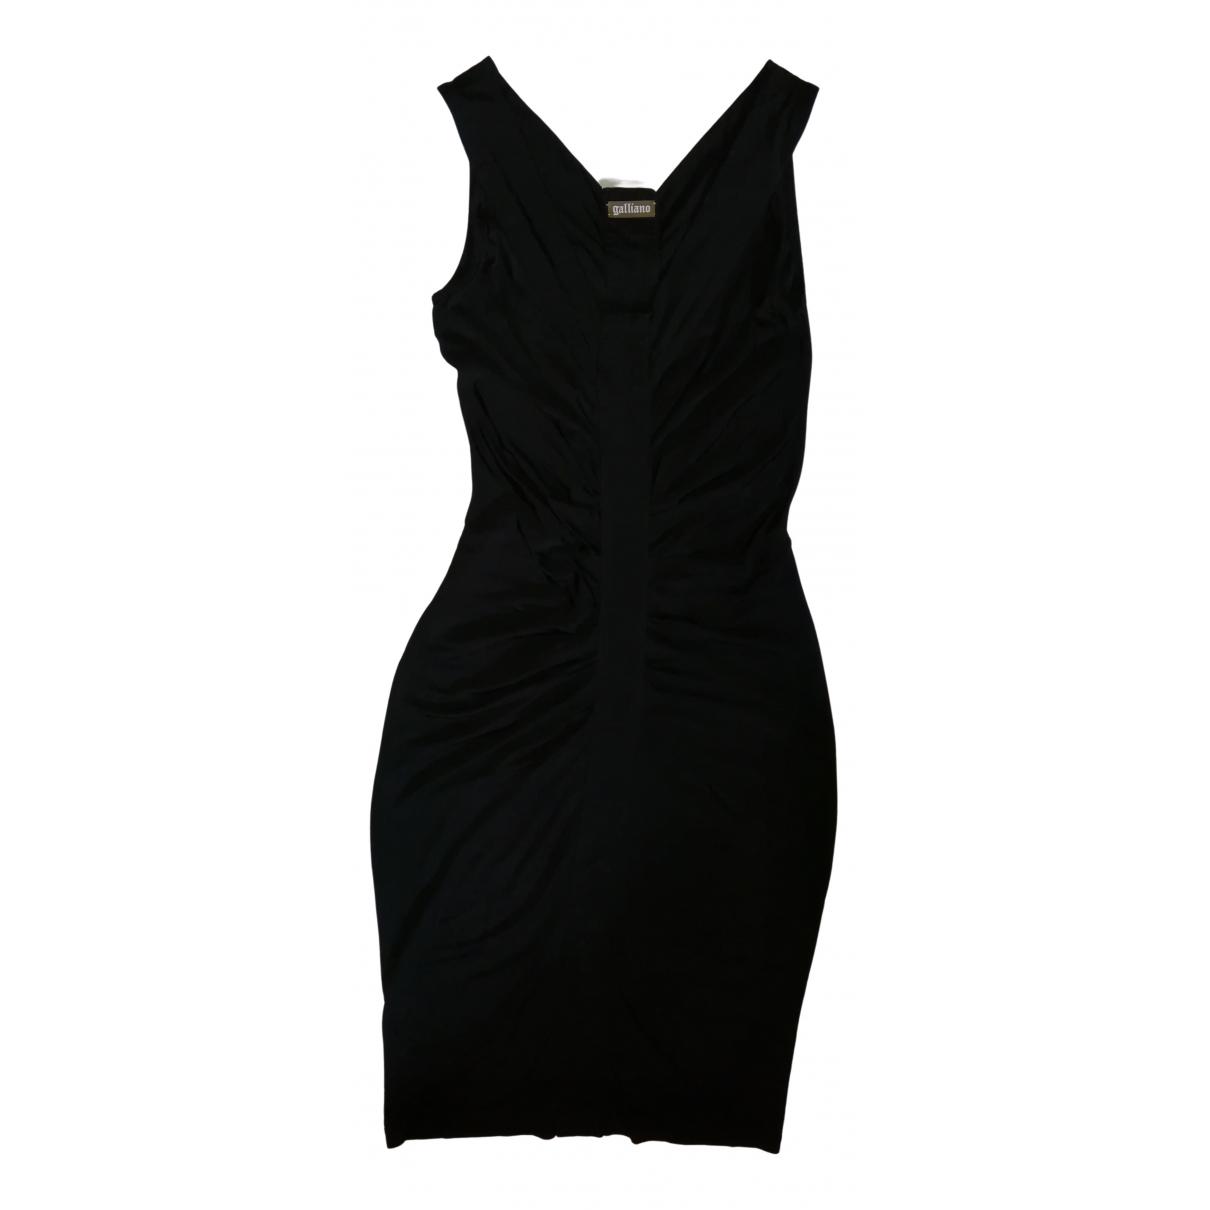 Galliano N Black dress for Women 42 IT